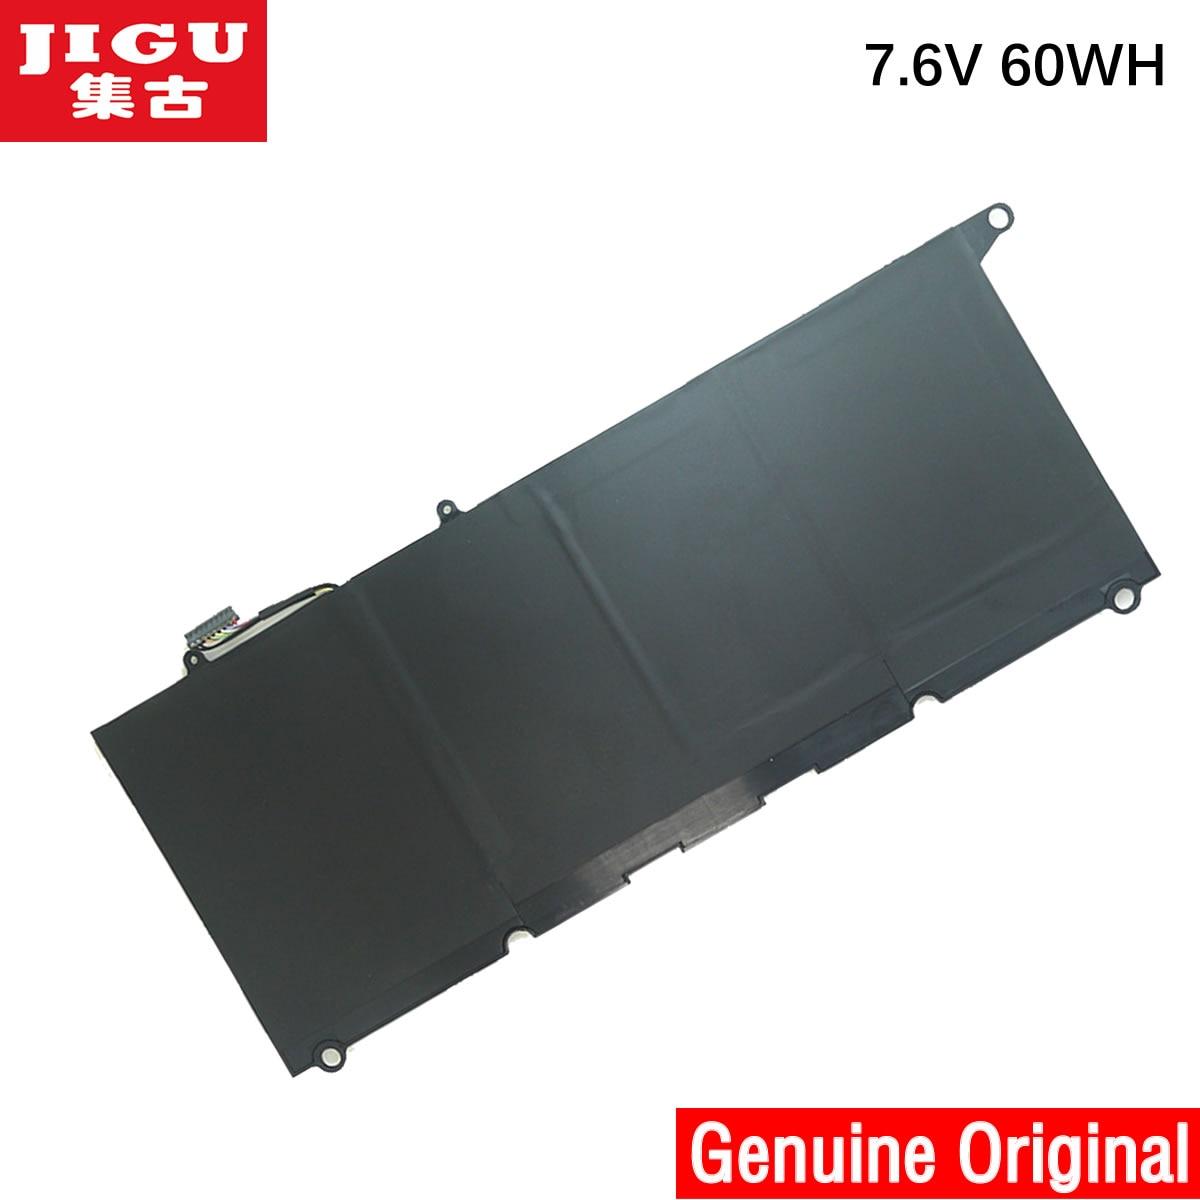 Здесь можно купить  JIGU 7.6V 60WH Original Tablet Battery PW23Y TP1GT RNP72 For Dell XPS 13 9360 D1505 D1505G D1605T  Компьютер & сеть